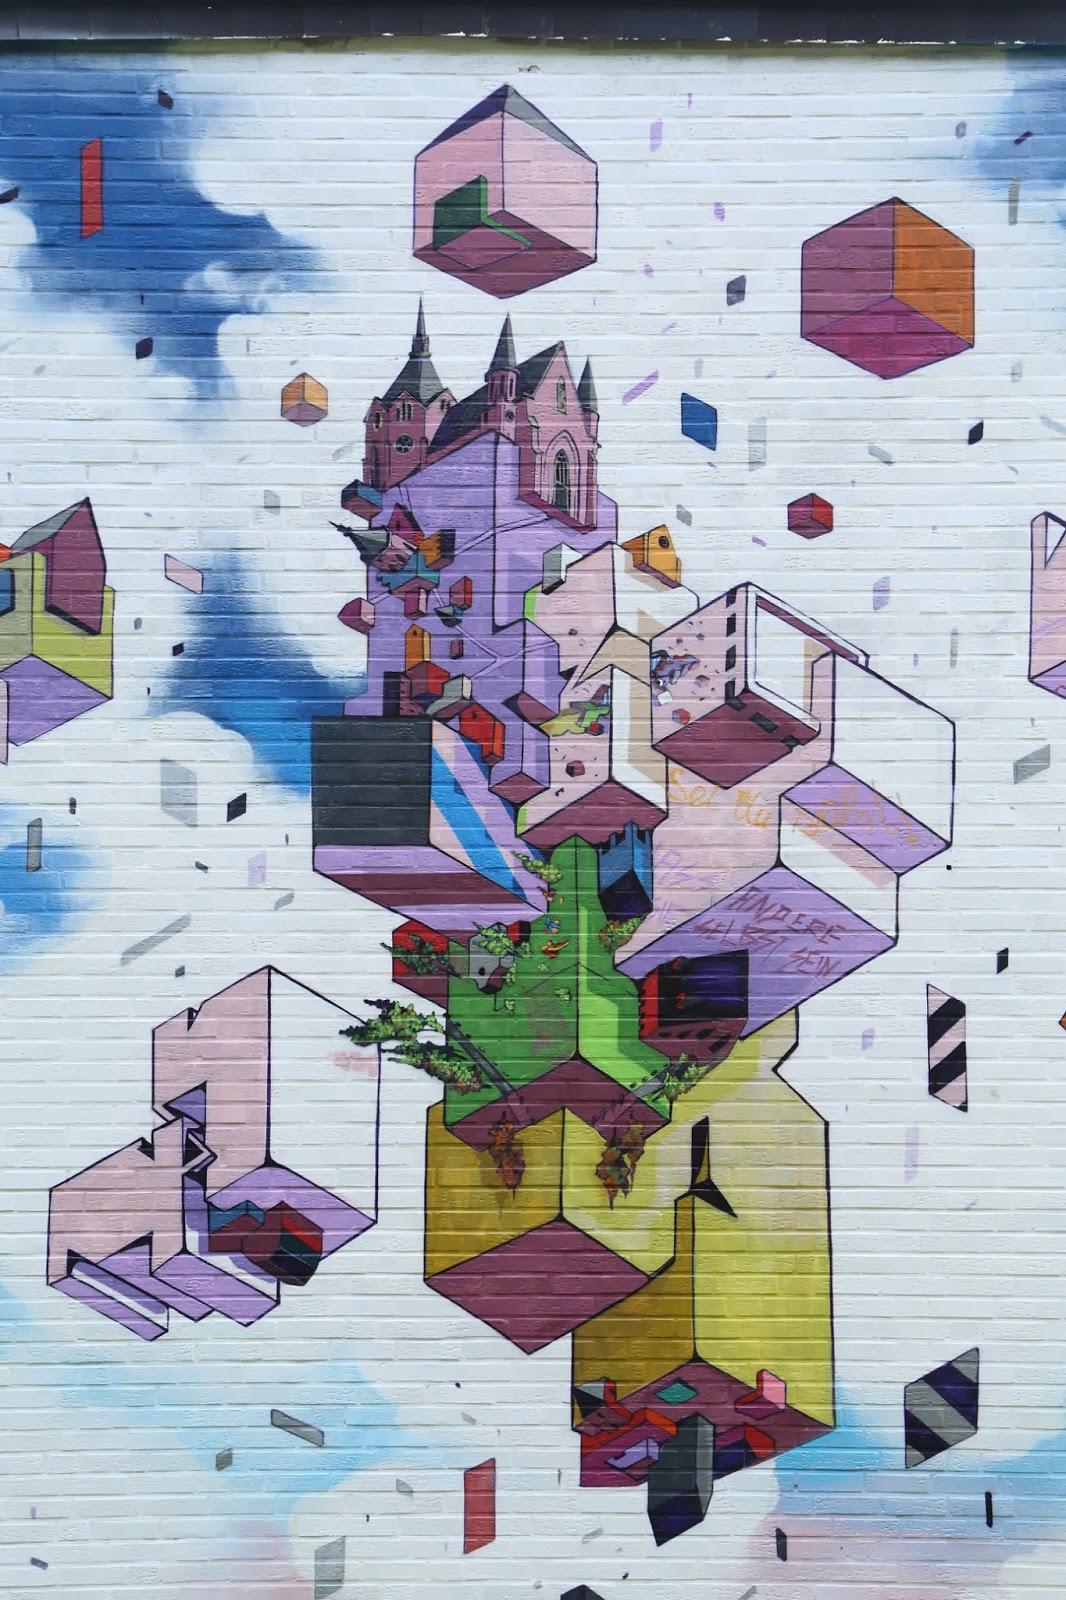 etnik-new-mural-in-dusseldorf-germany-02